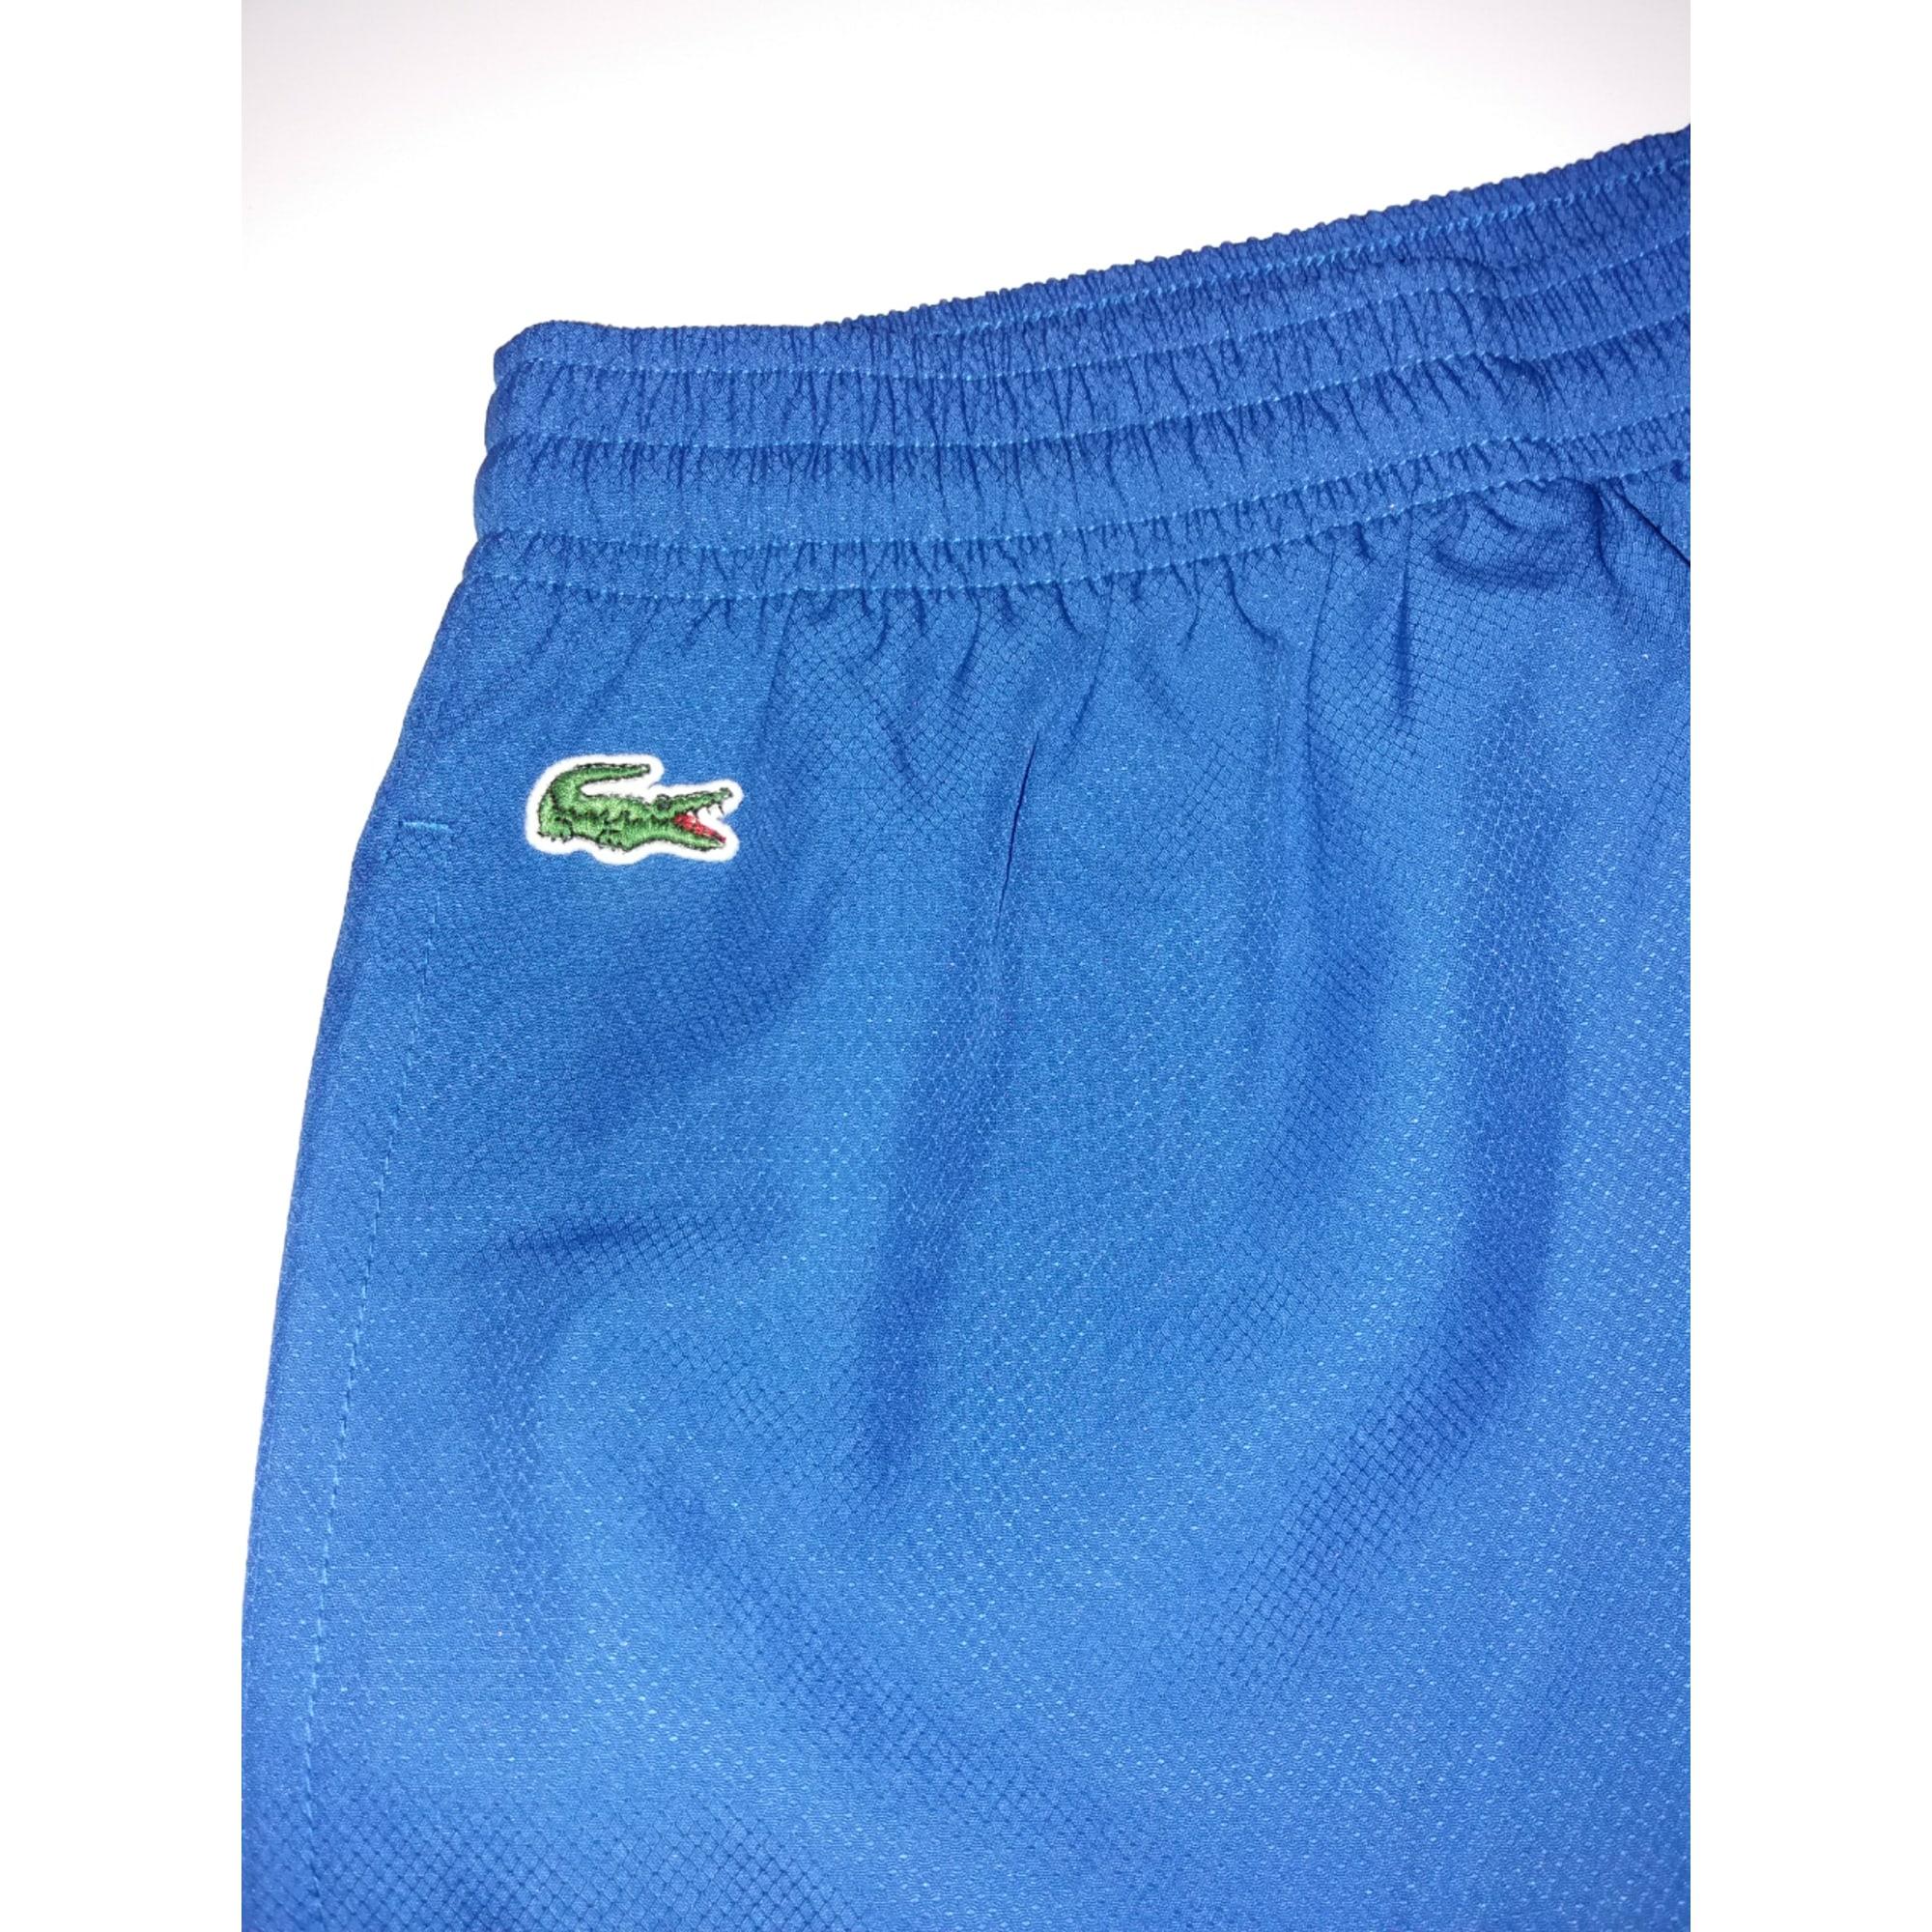 c3943625d9 Pantalon de survêtement LACOSTE 13-14 ans bleu vendu par Ninouced ...